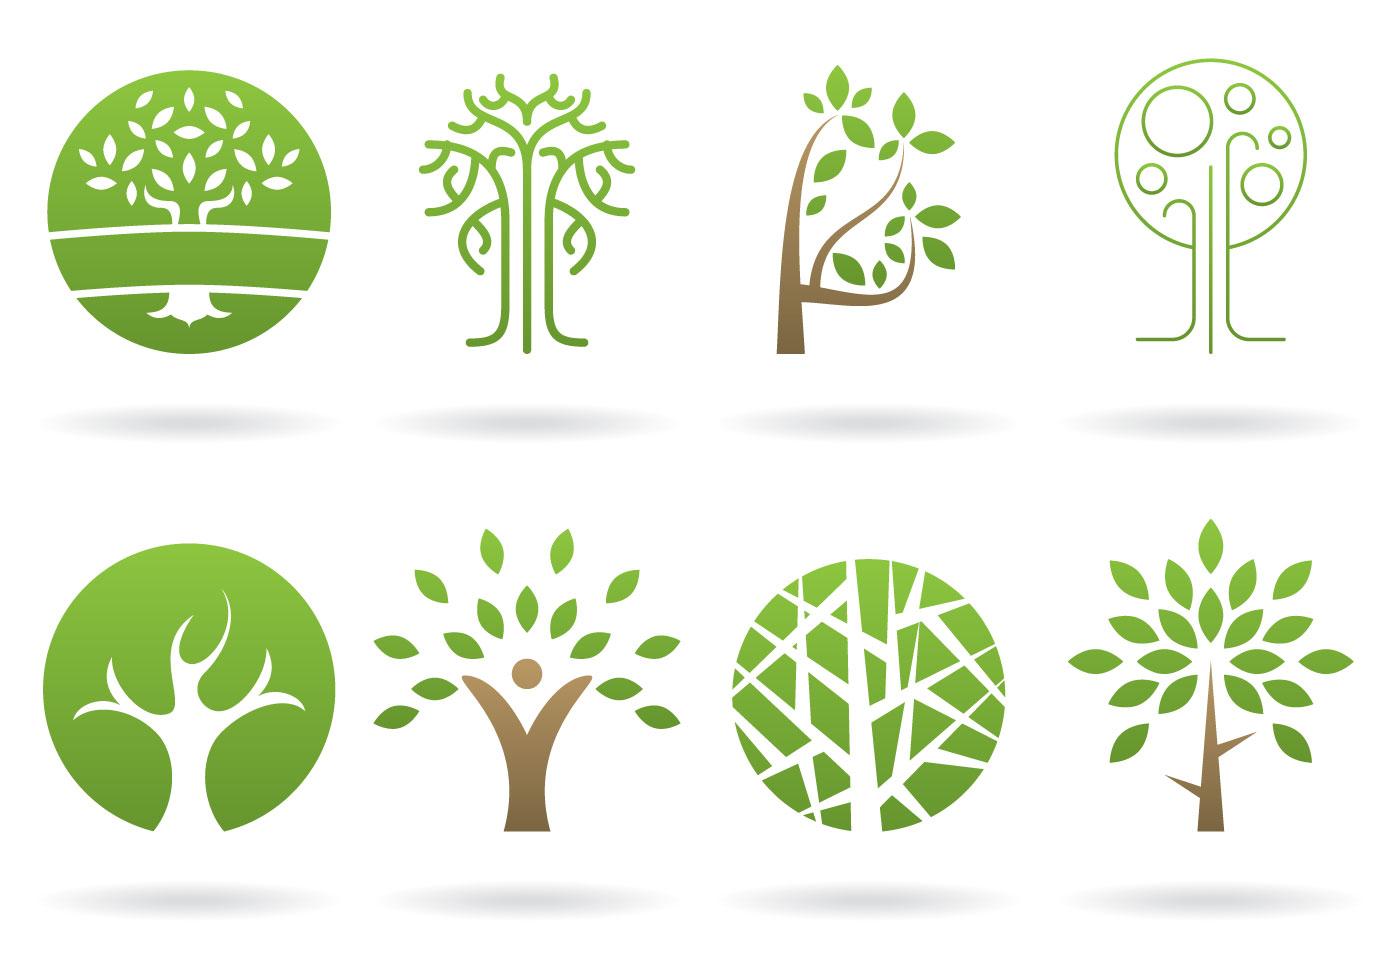 Tree Logos Vectors Download Free Vector Art Stock